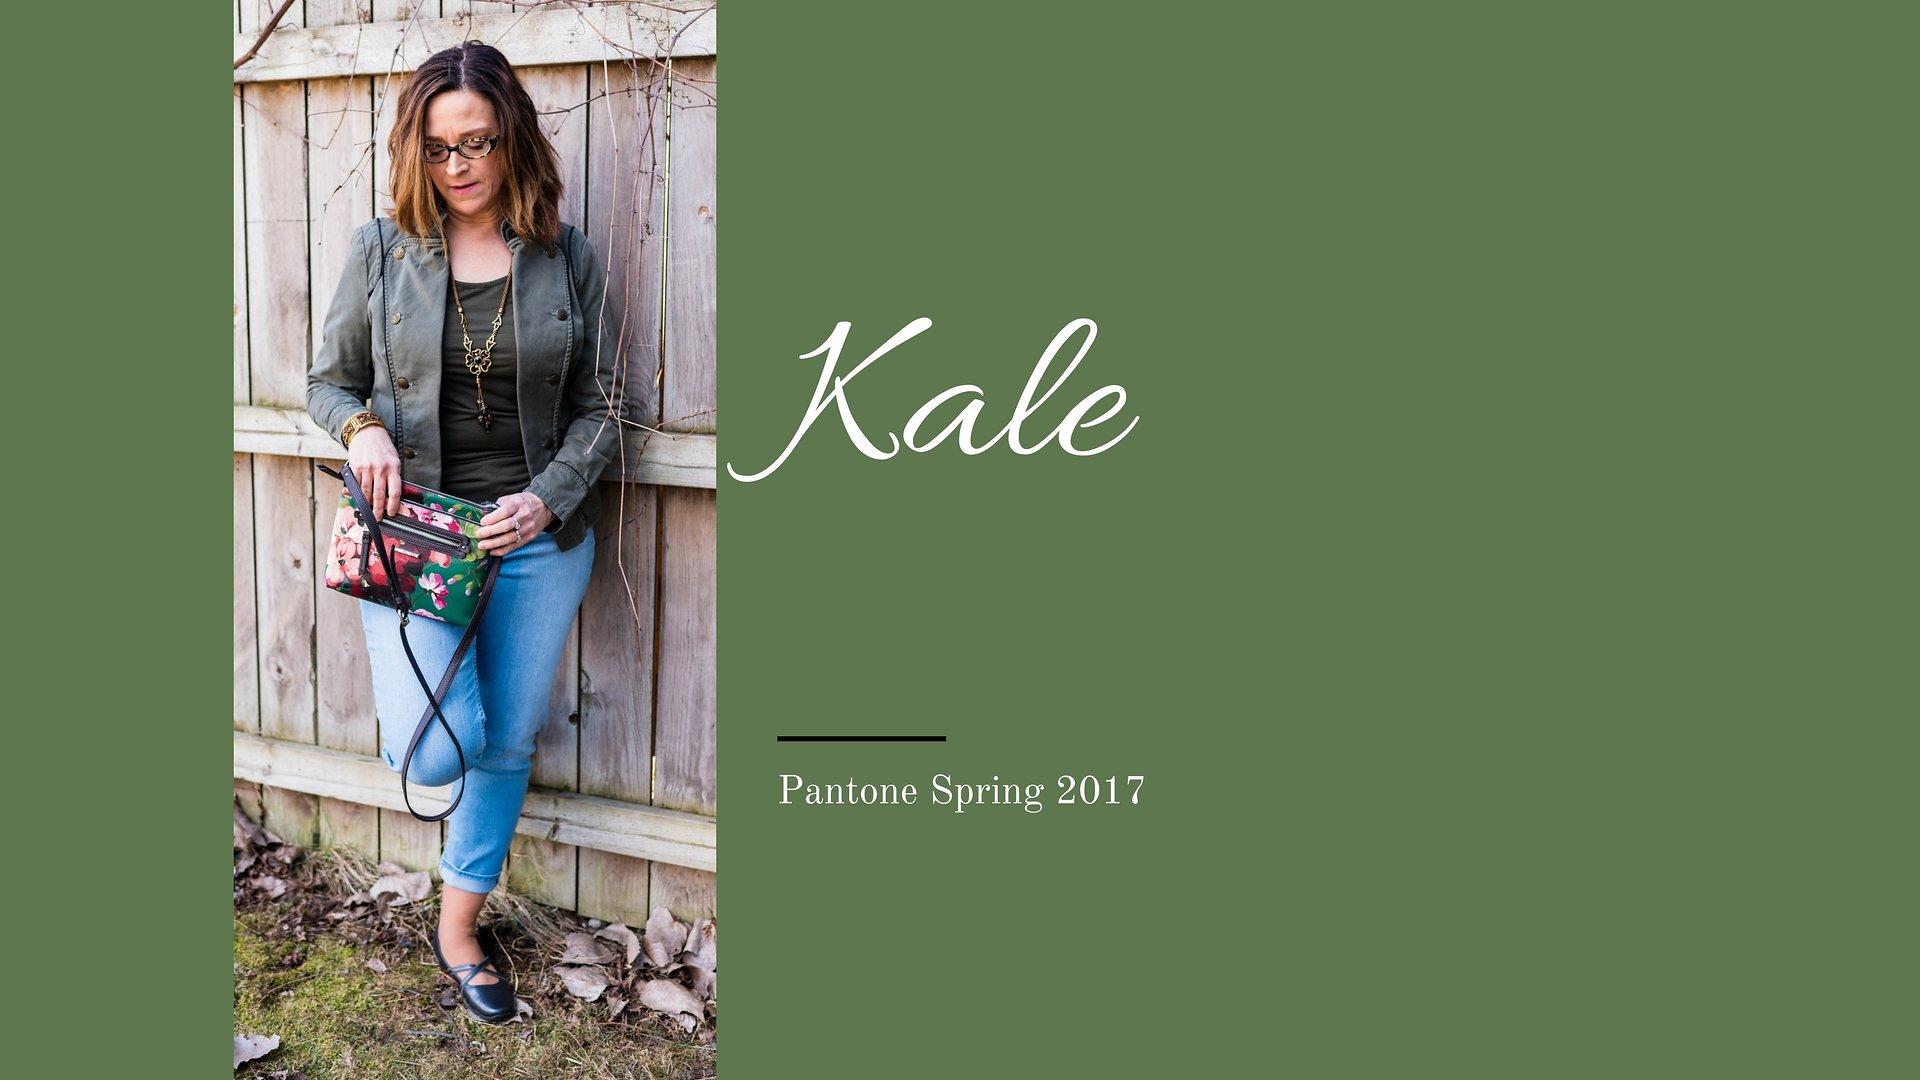 Pantone Spring 2017 - Kale